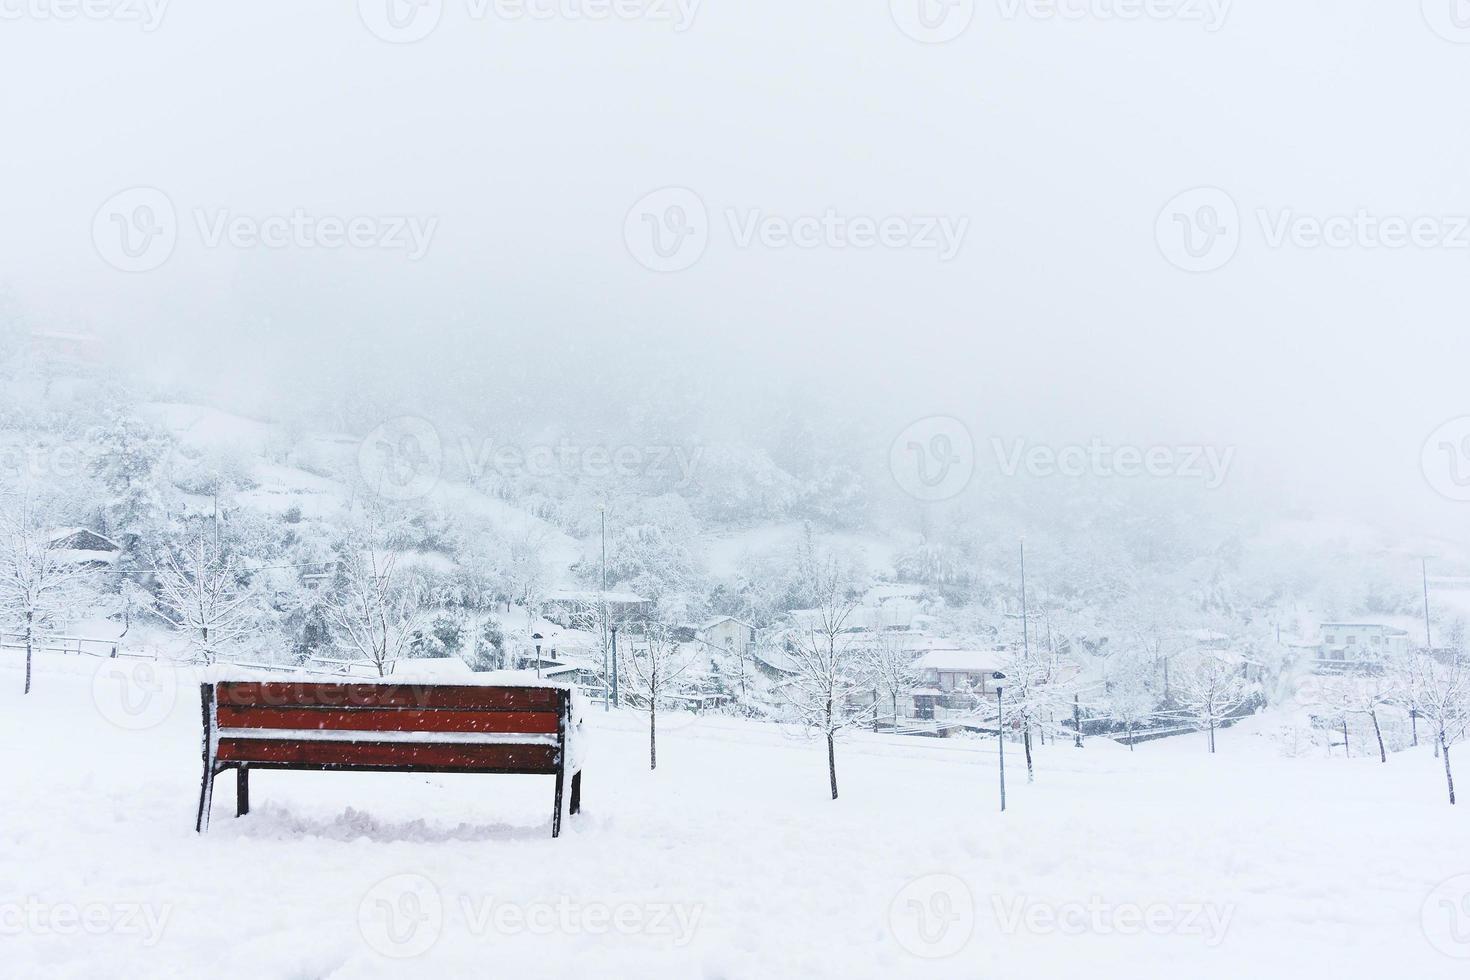 banco y paisaje nevado de invierno foto